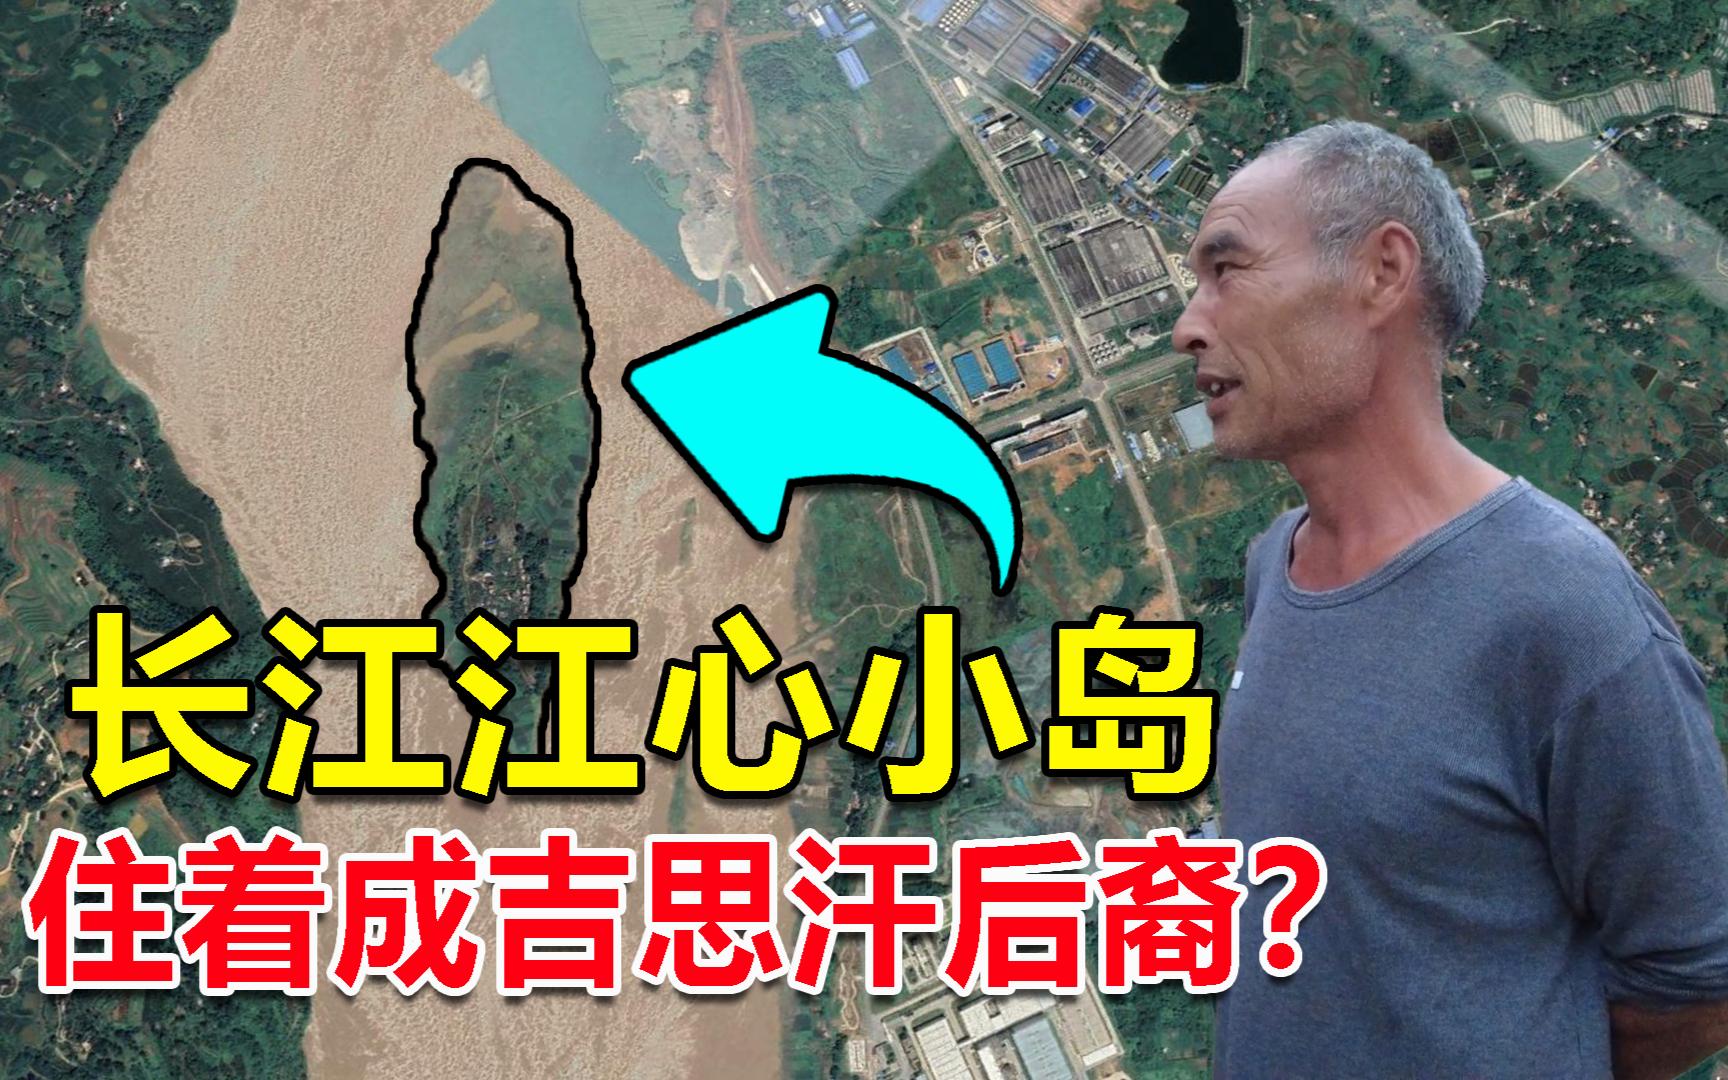 长江上有座江心岛,岛上住着成吉思汗后裔,还过着与世隔绝的生活